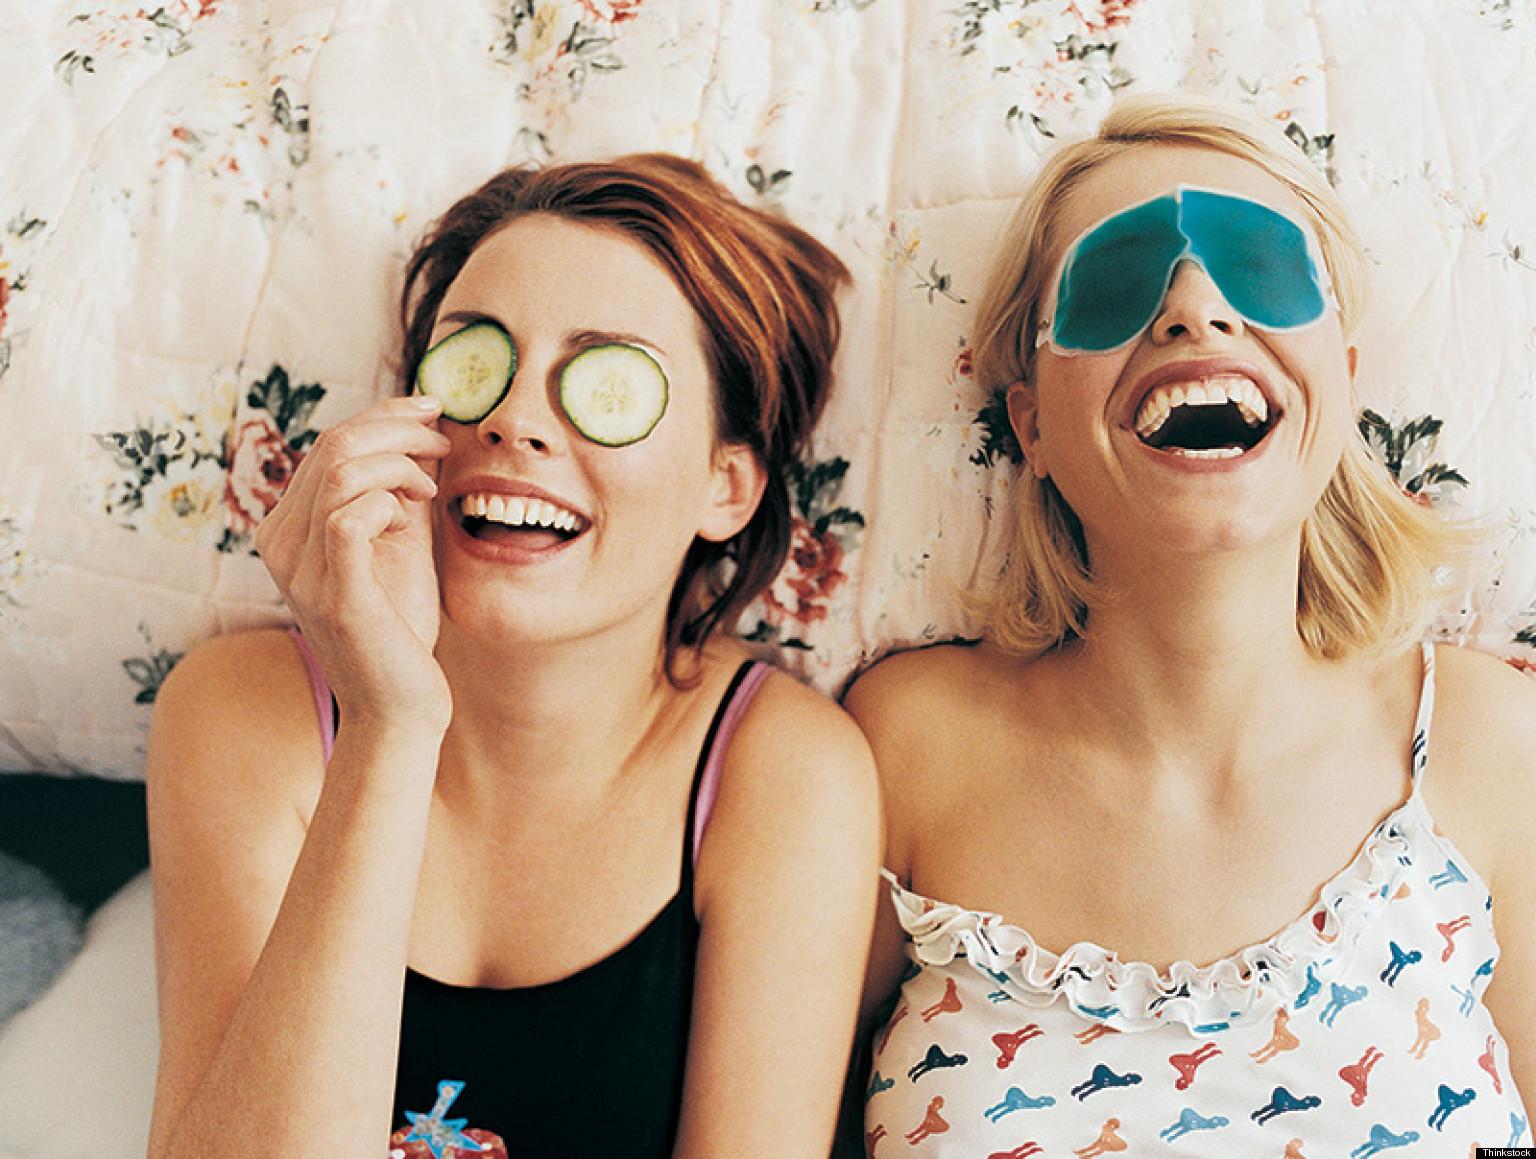 Как сделать прикольные фото с подругой